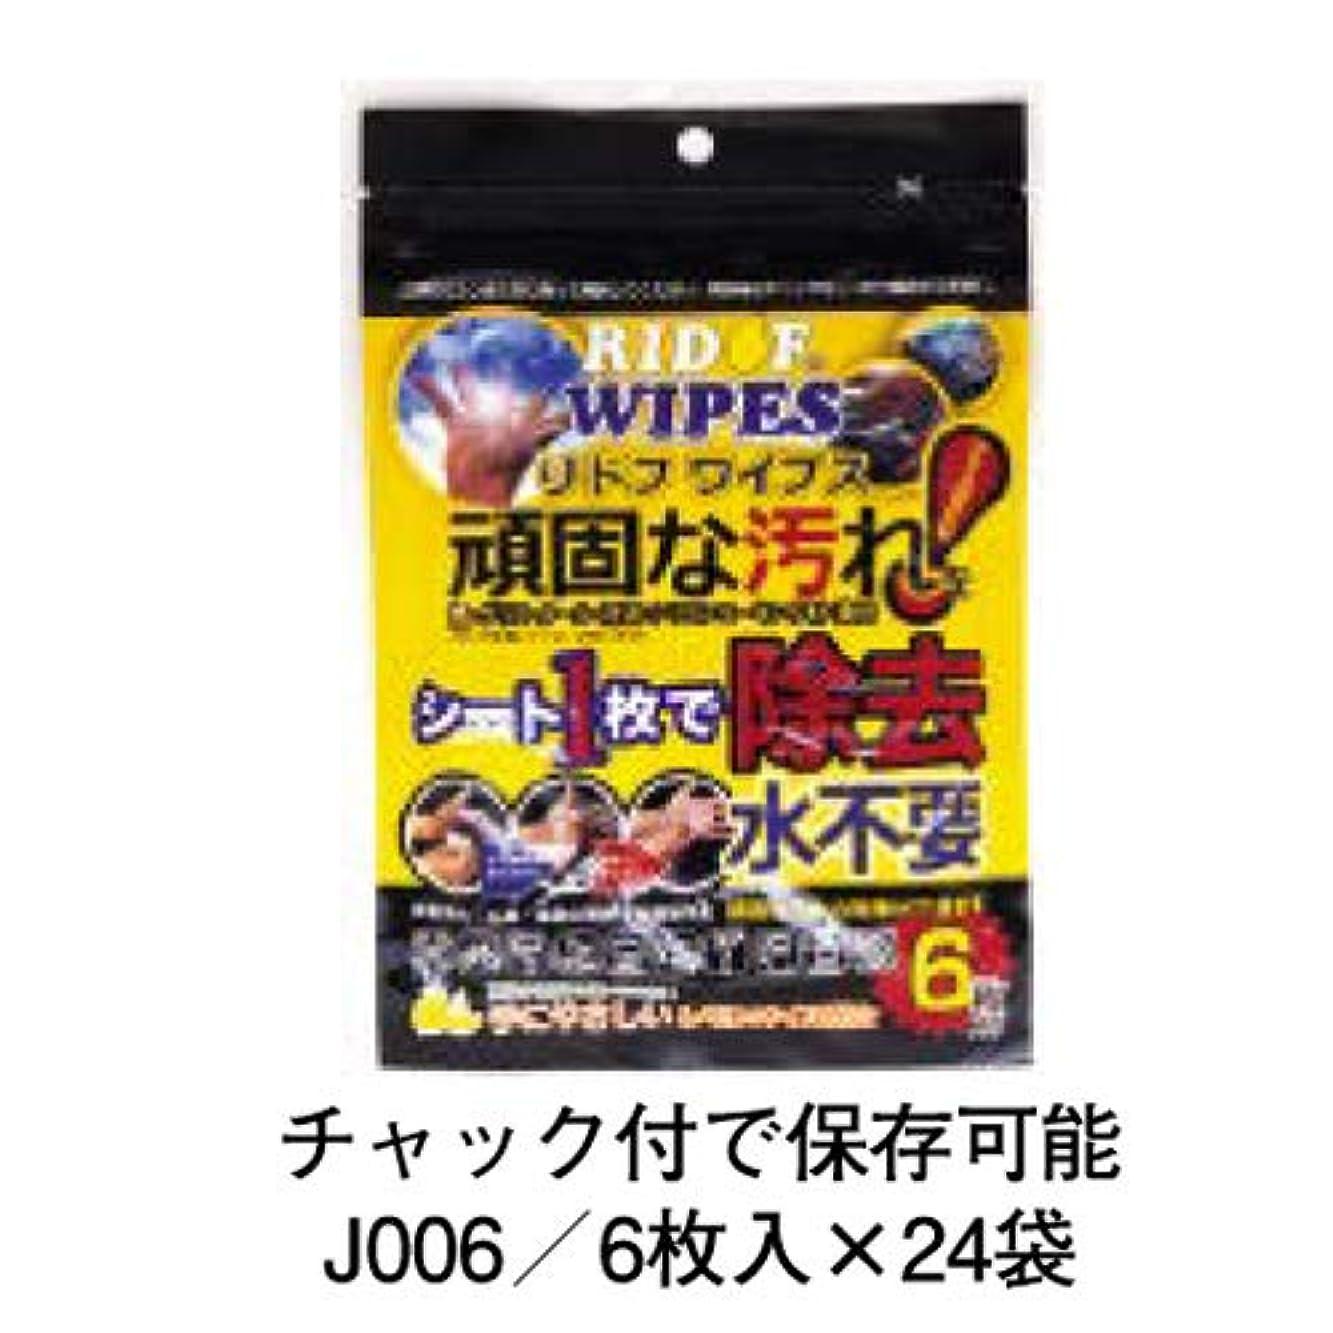 リドフワイプス チャック付タイプ/6枚入×24袋 J006